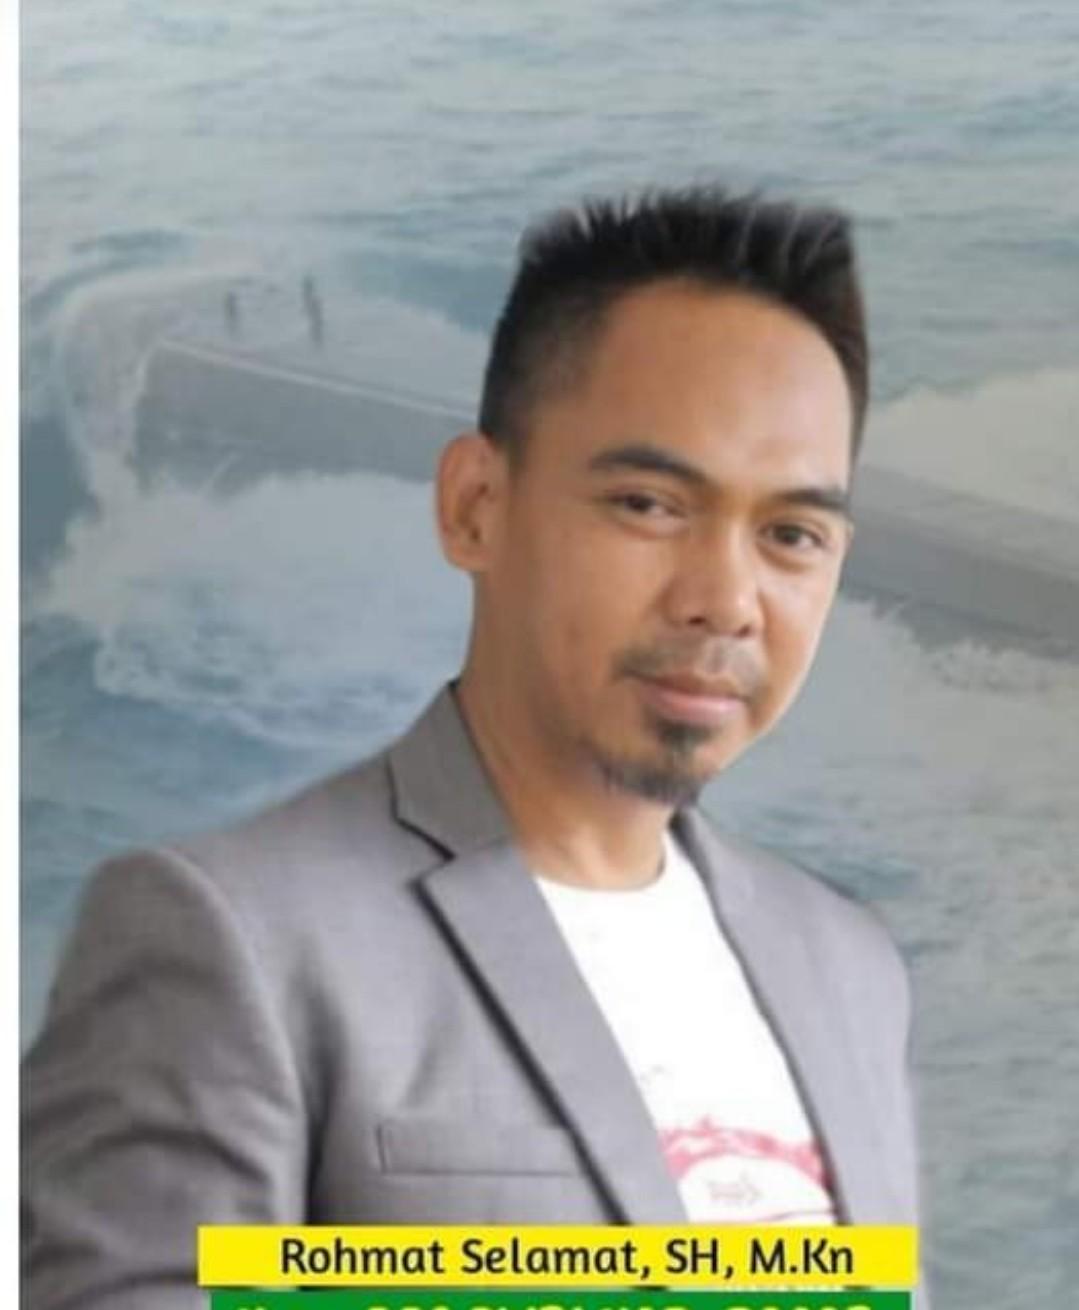 Masyarakat Lingkar Sawit Yang Terindas Inginkan Pemerintah Beri Keadilan